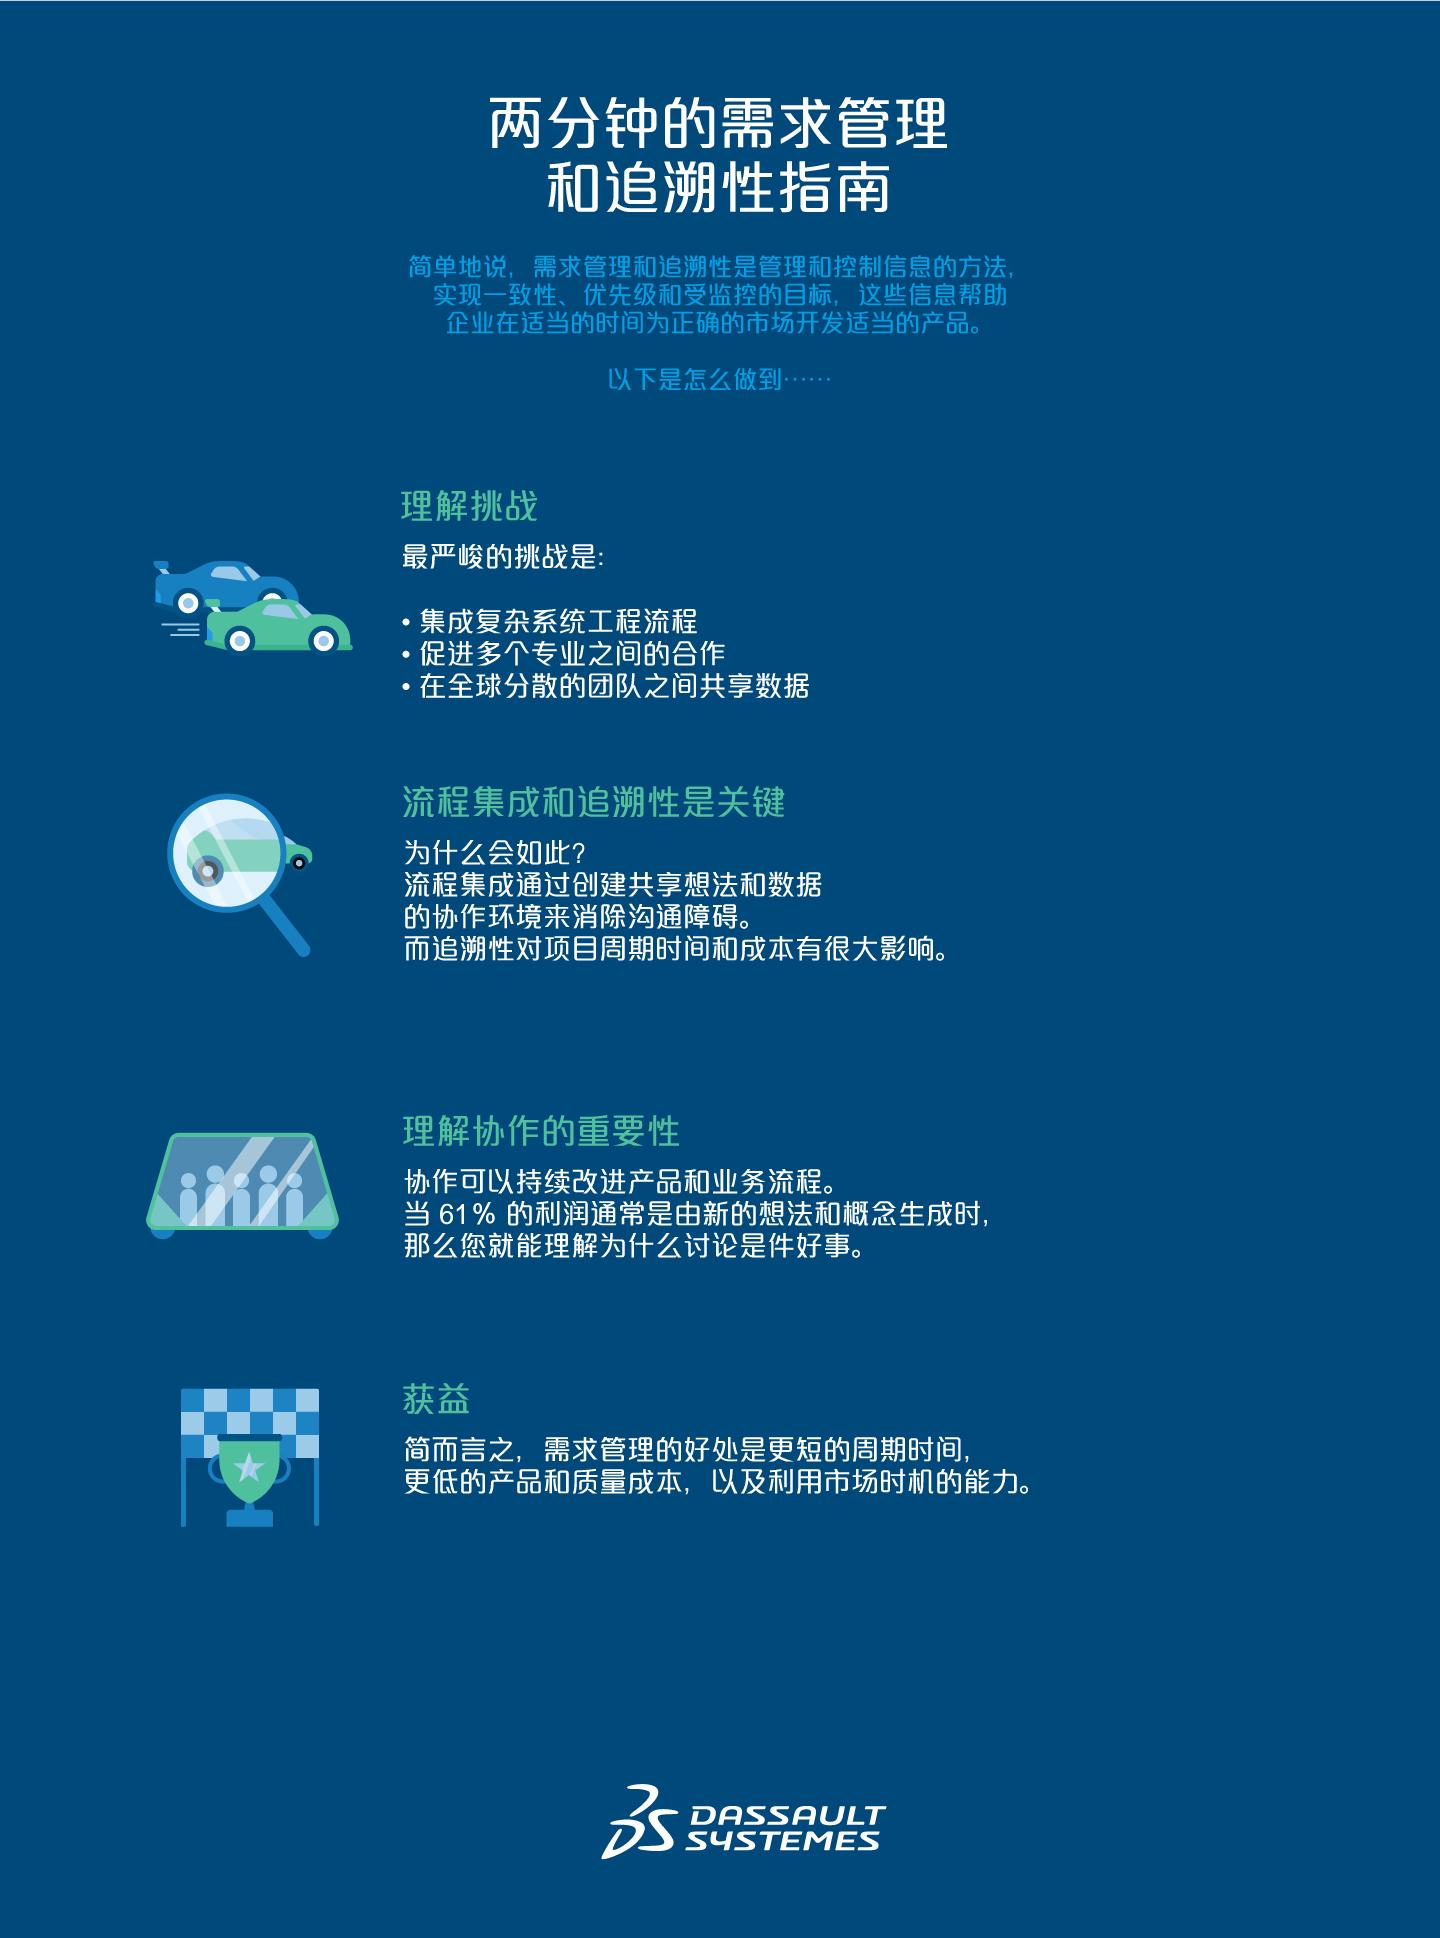 可升级的电动自动驾驶车辆 > 需求管理和追溯性 > Dassault Systèmes®